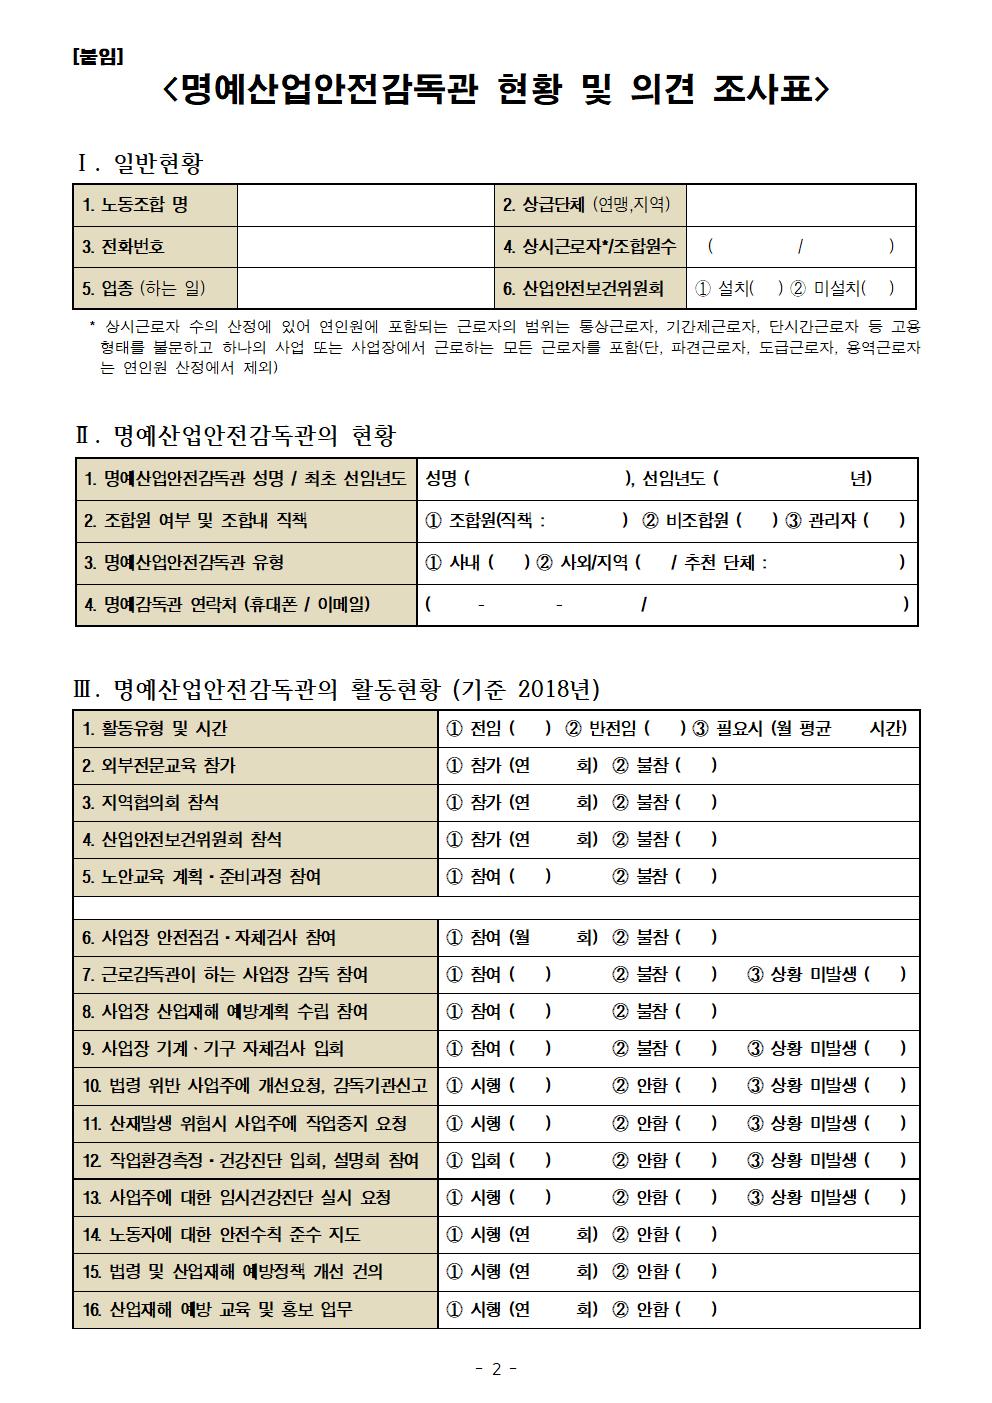 [안내문]_명예산업안전감독관 제도개선을 위한 실태조사_수정002.png